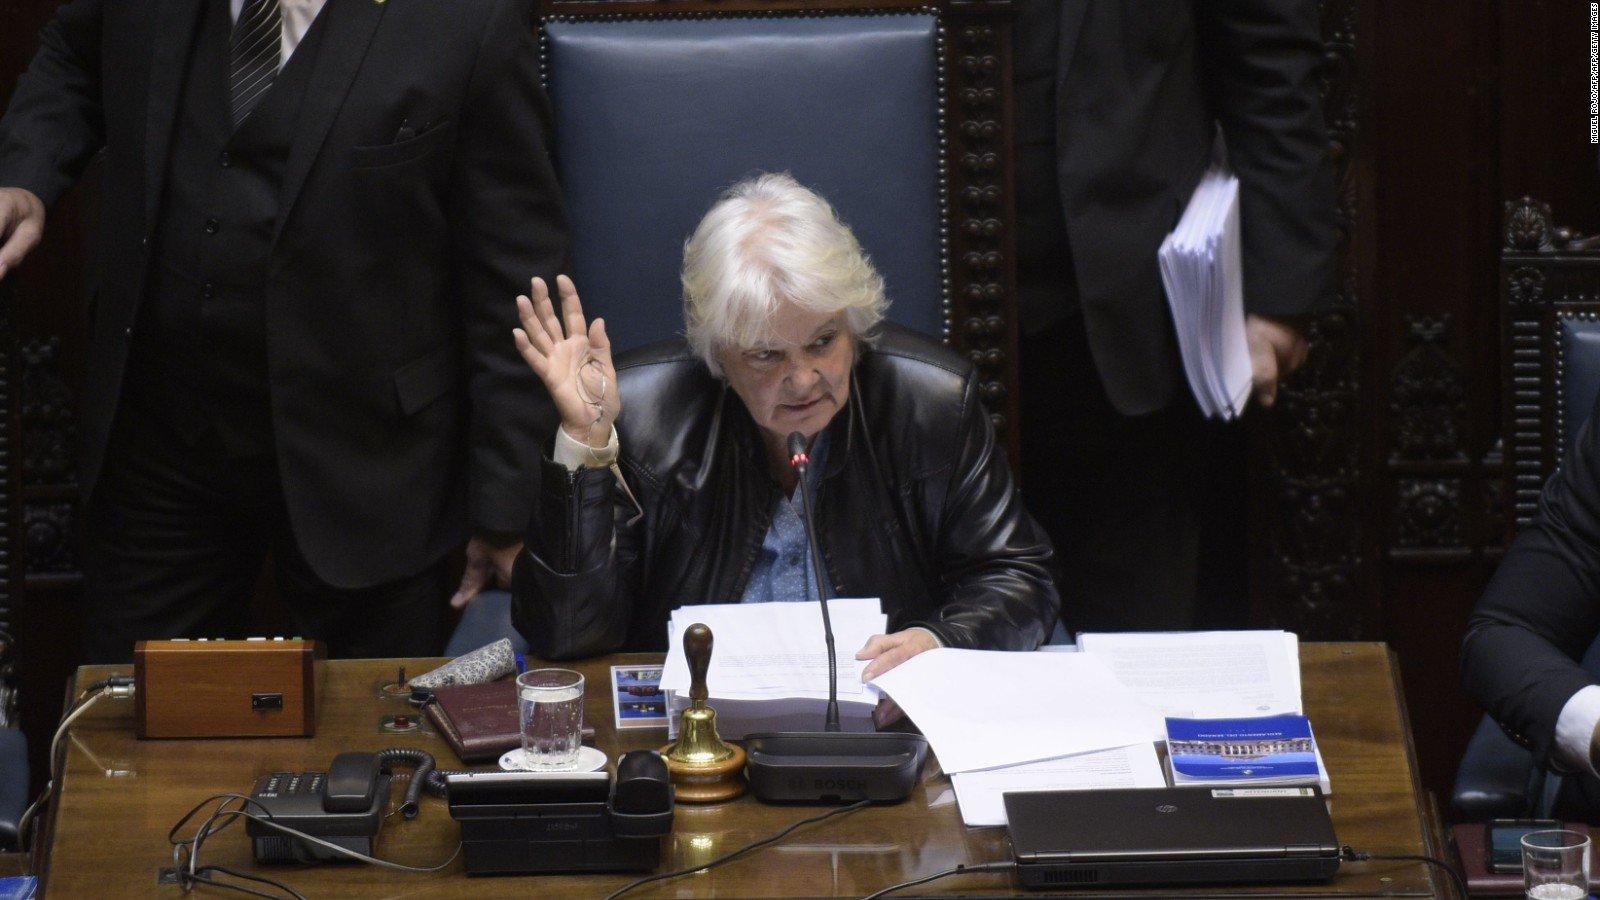 Lucía Topolansky: de senadora a vicepresidenta de Uruguay tras renuncia de Sendic https://t.co/DTHWKzN63x https://t.co/nEpduMa0Ow